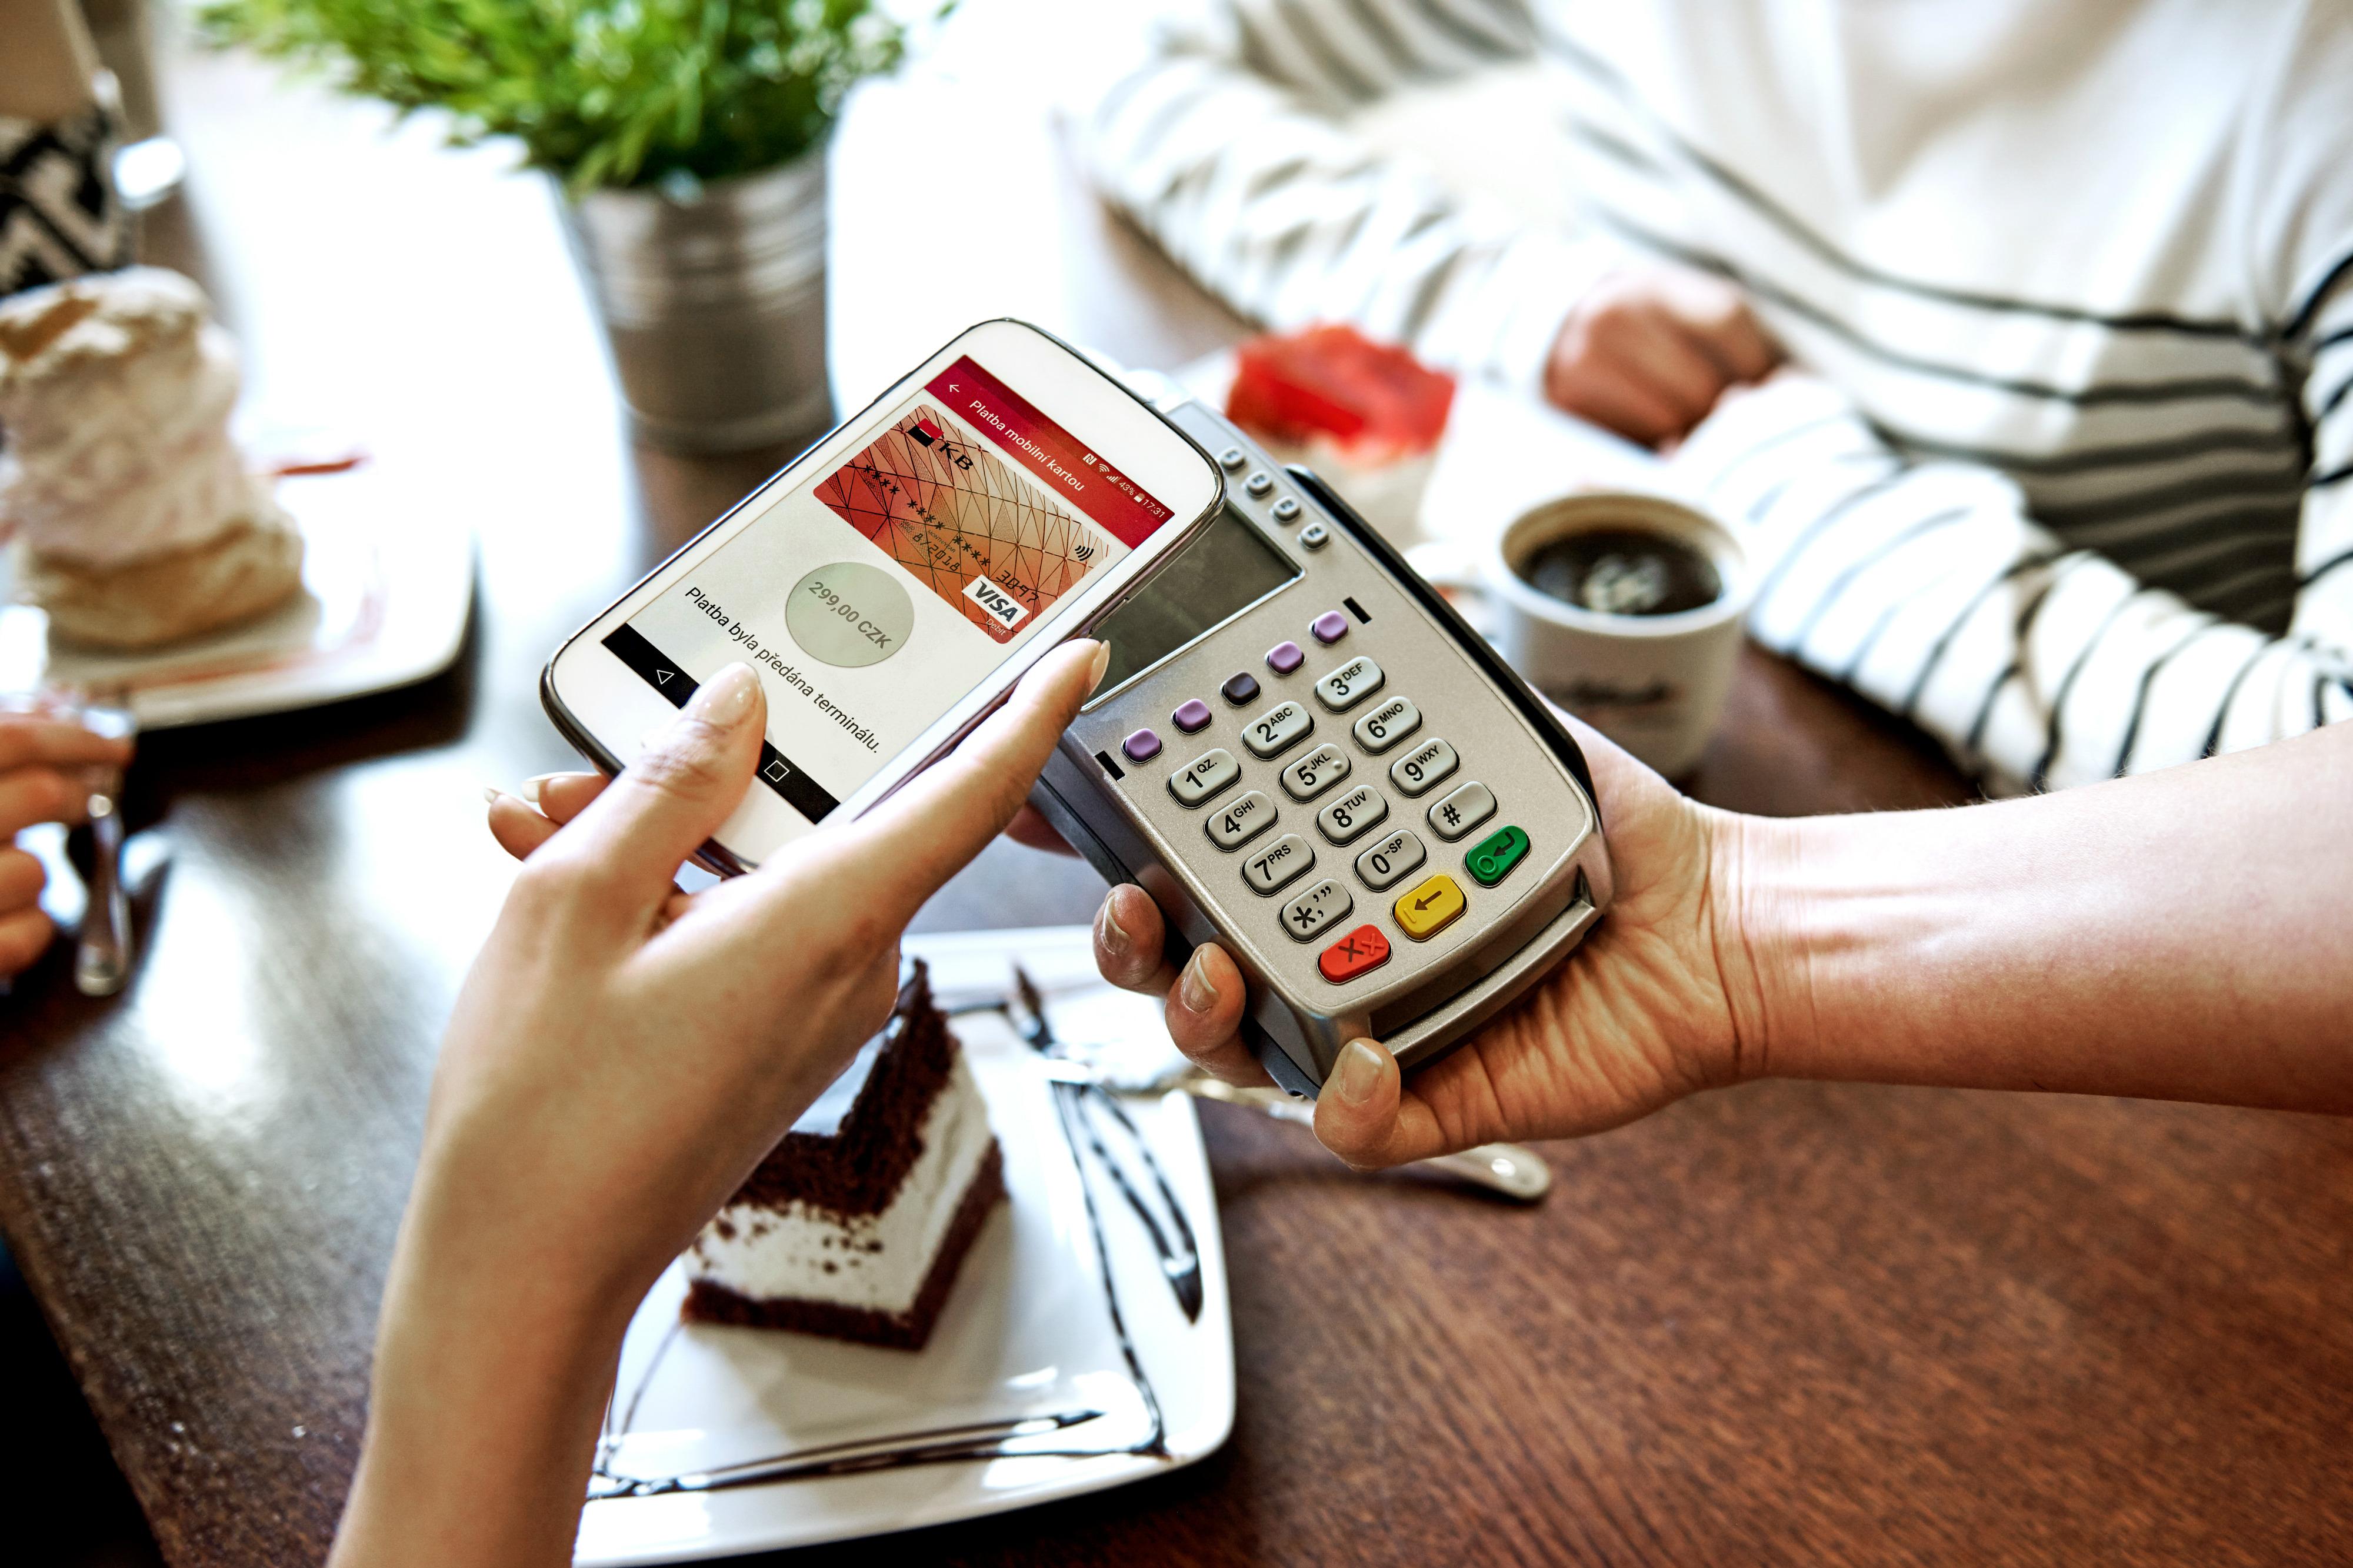 Komerční banka má novou aplikaci, umožňuje bezkontaktní placení mobilem